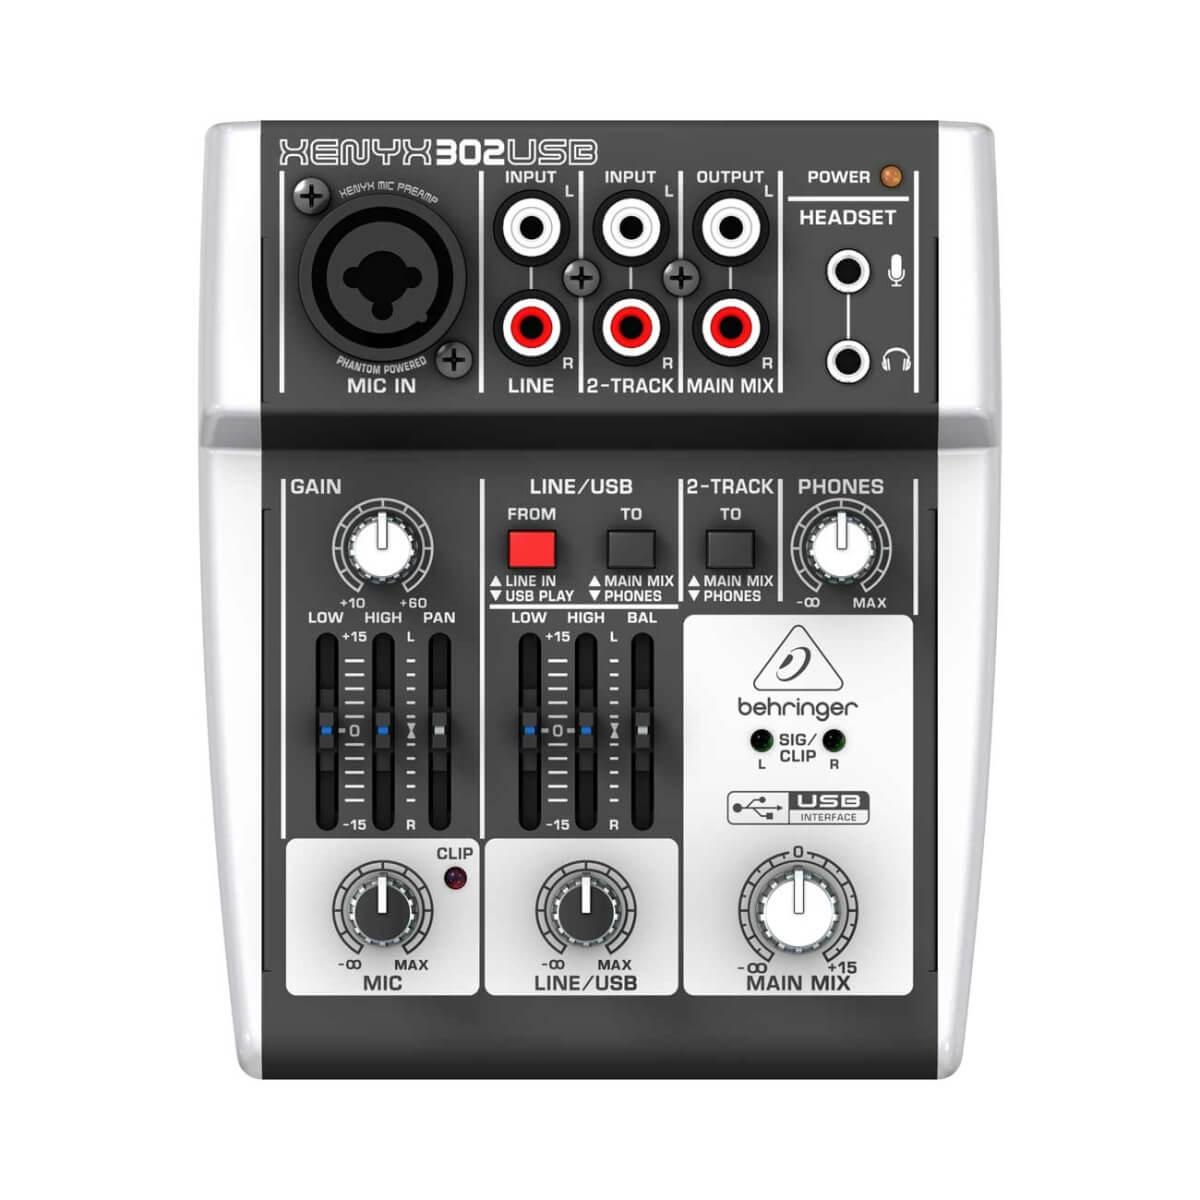 Behringer Xenyx302USB mixer